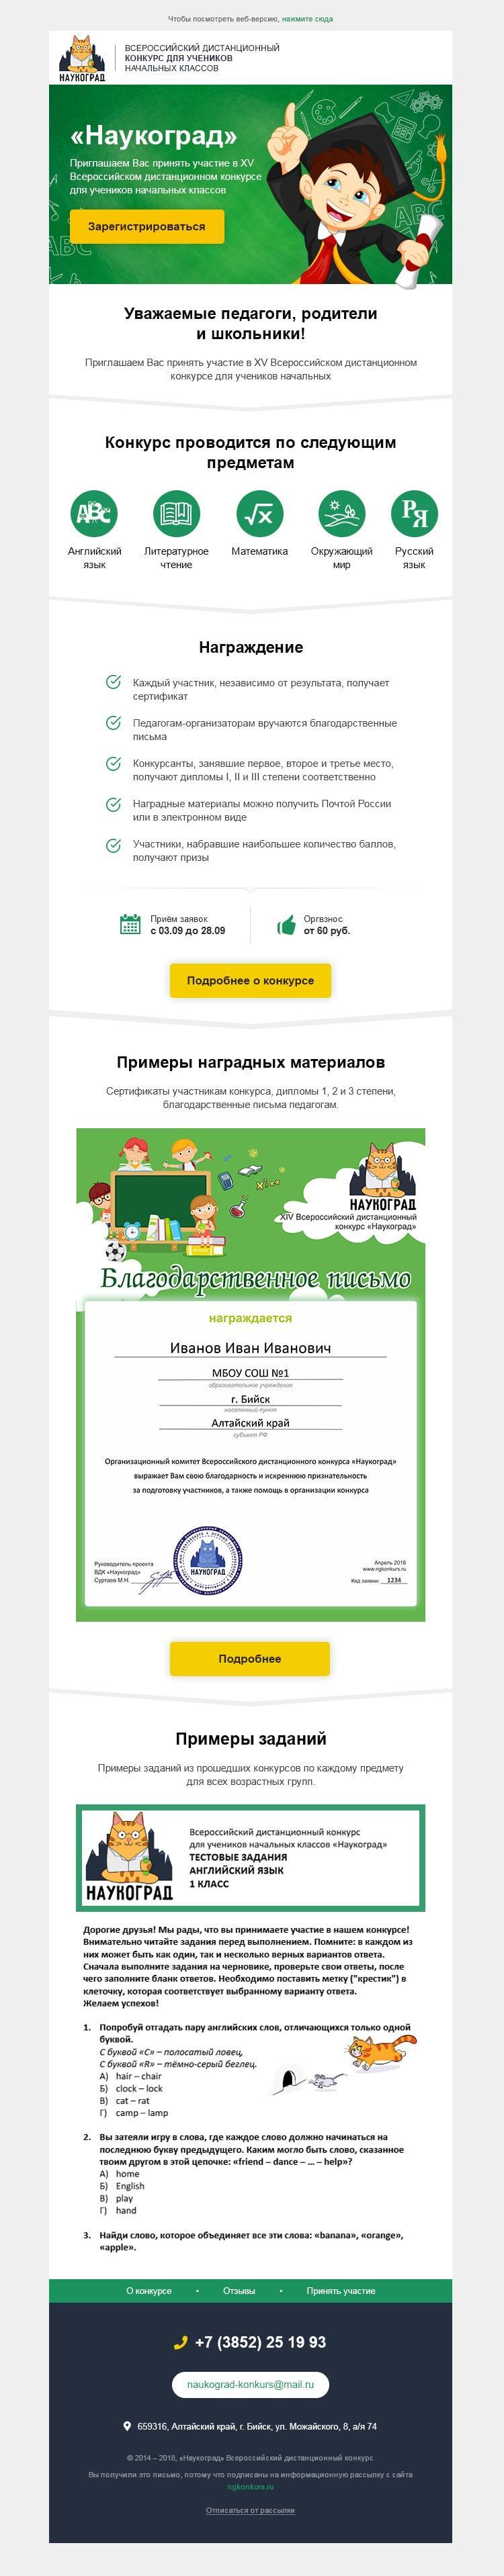 Приглашение на конкурс для учеников младших классов